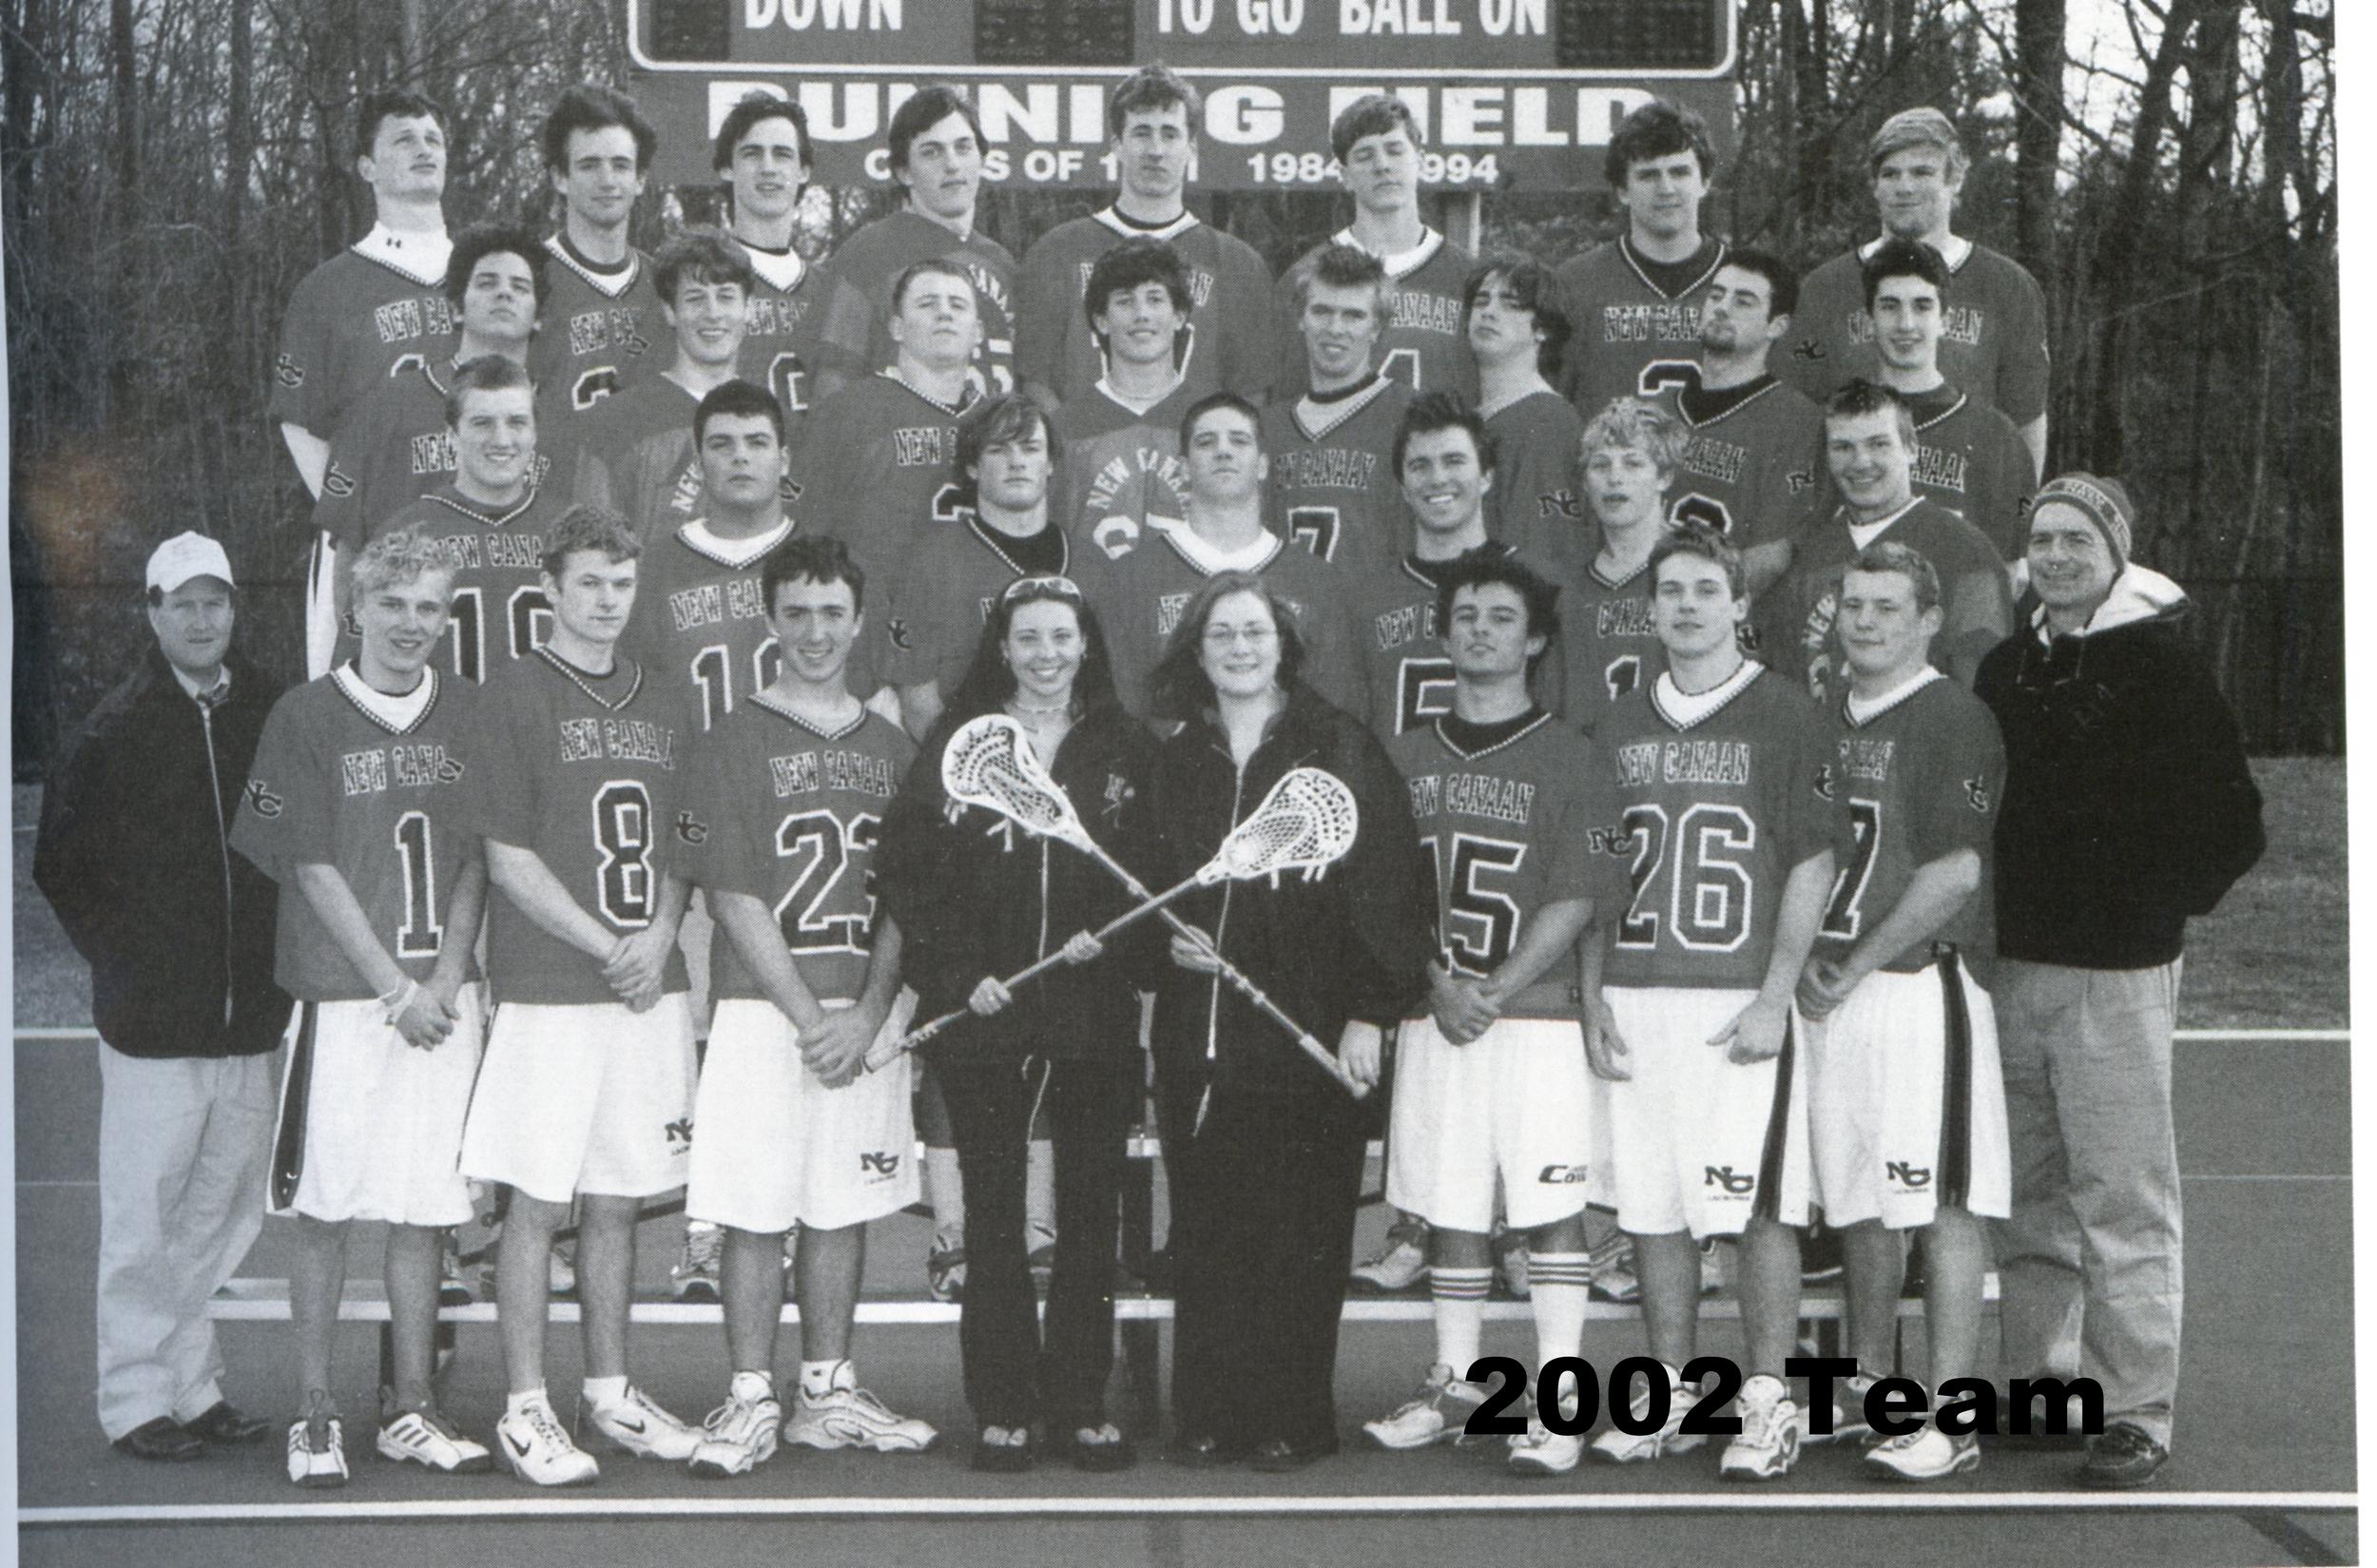 2002 NC Lax Team Photo.jpg